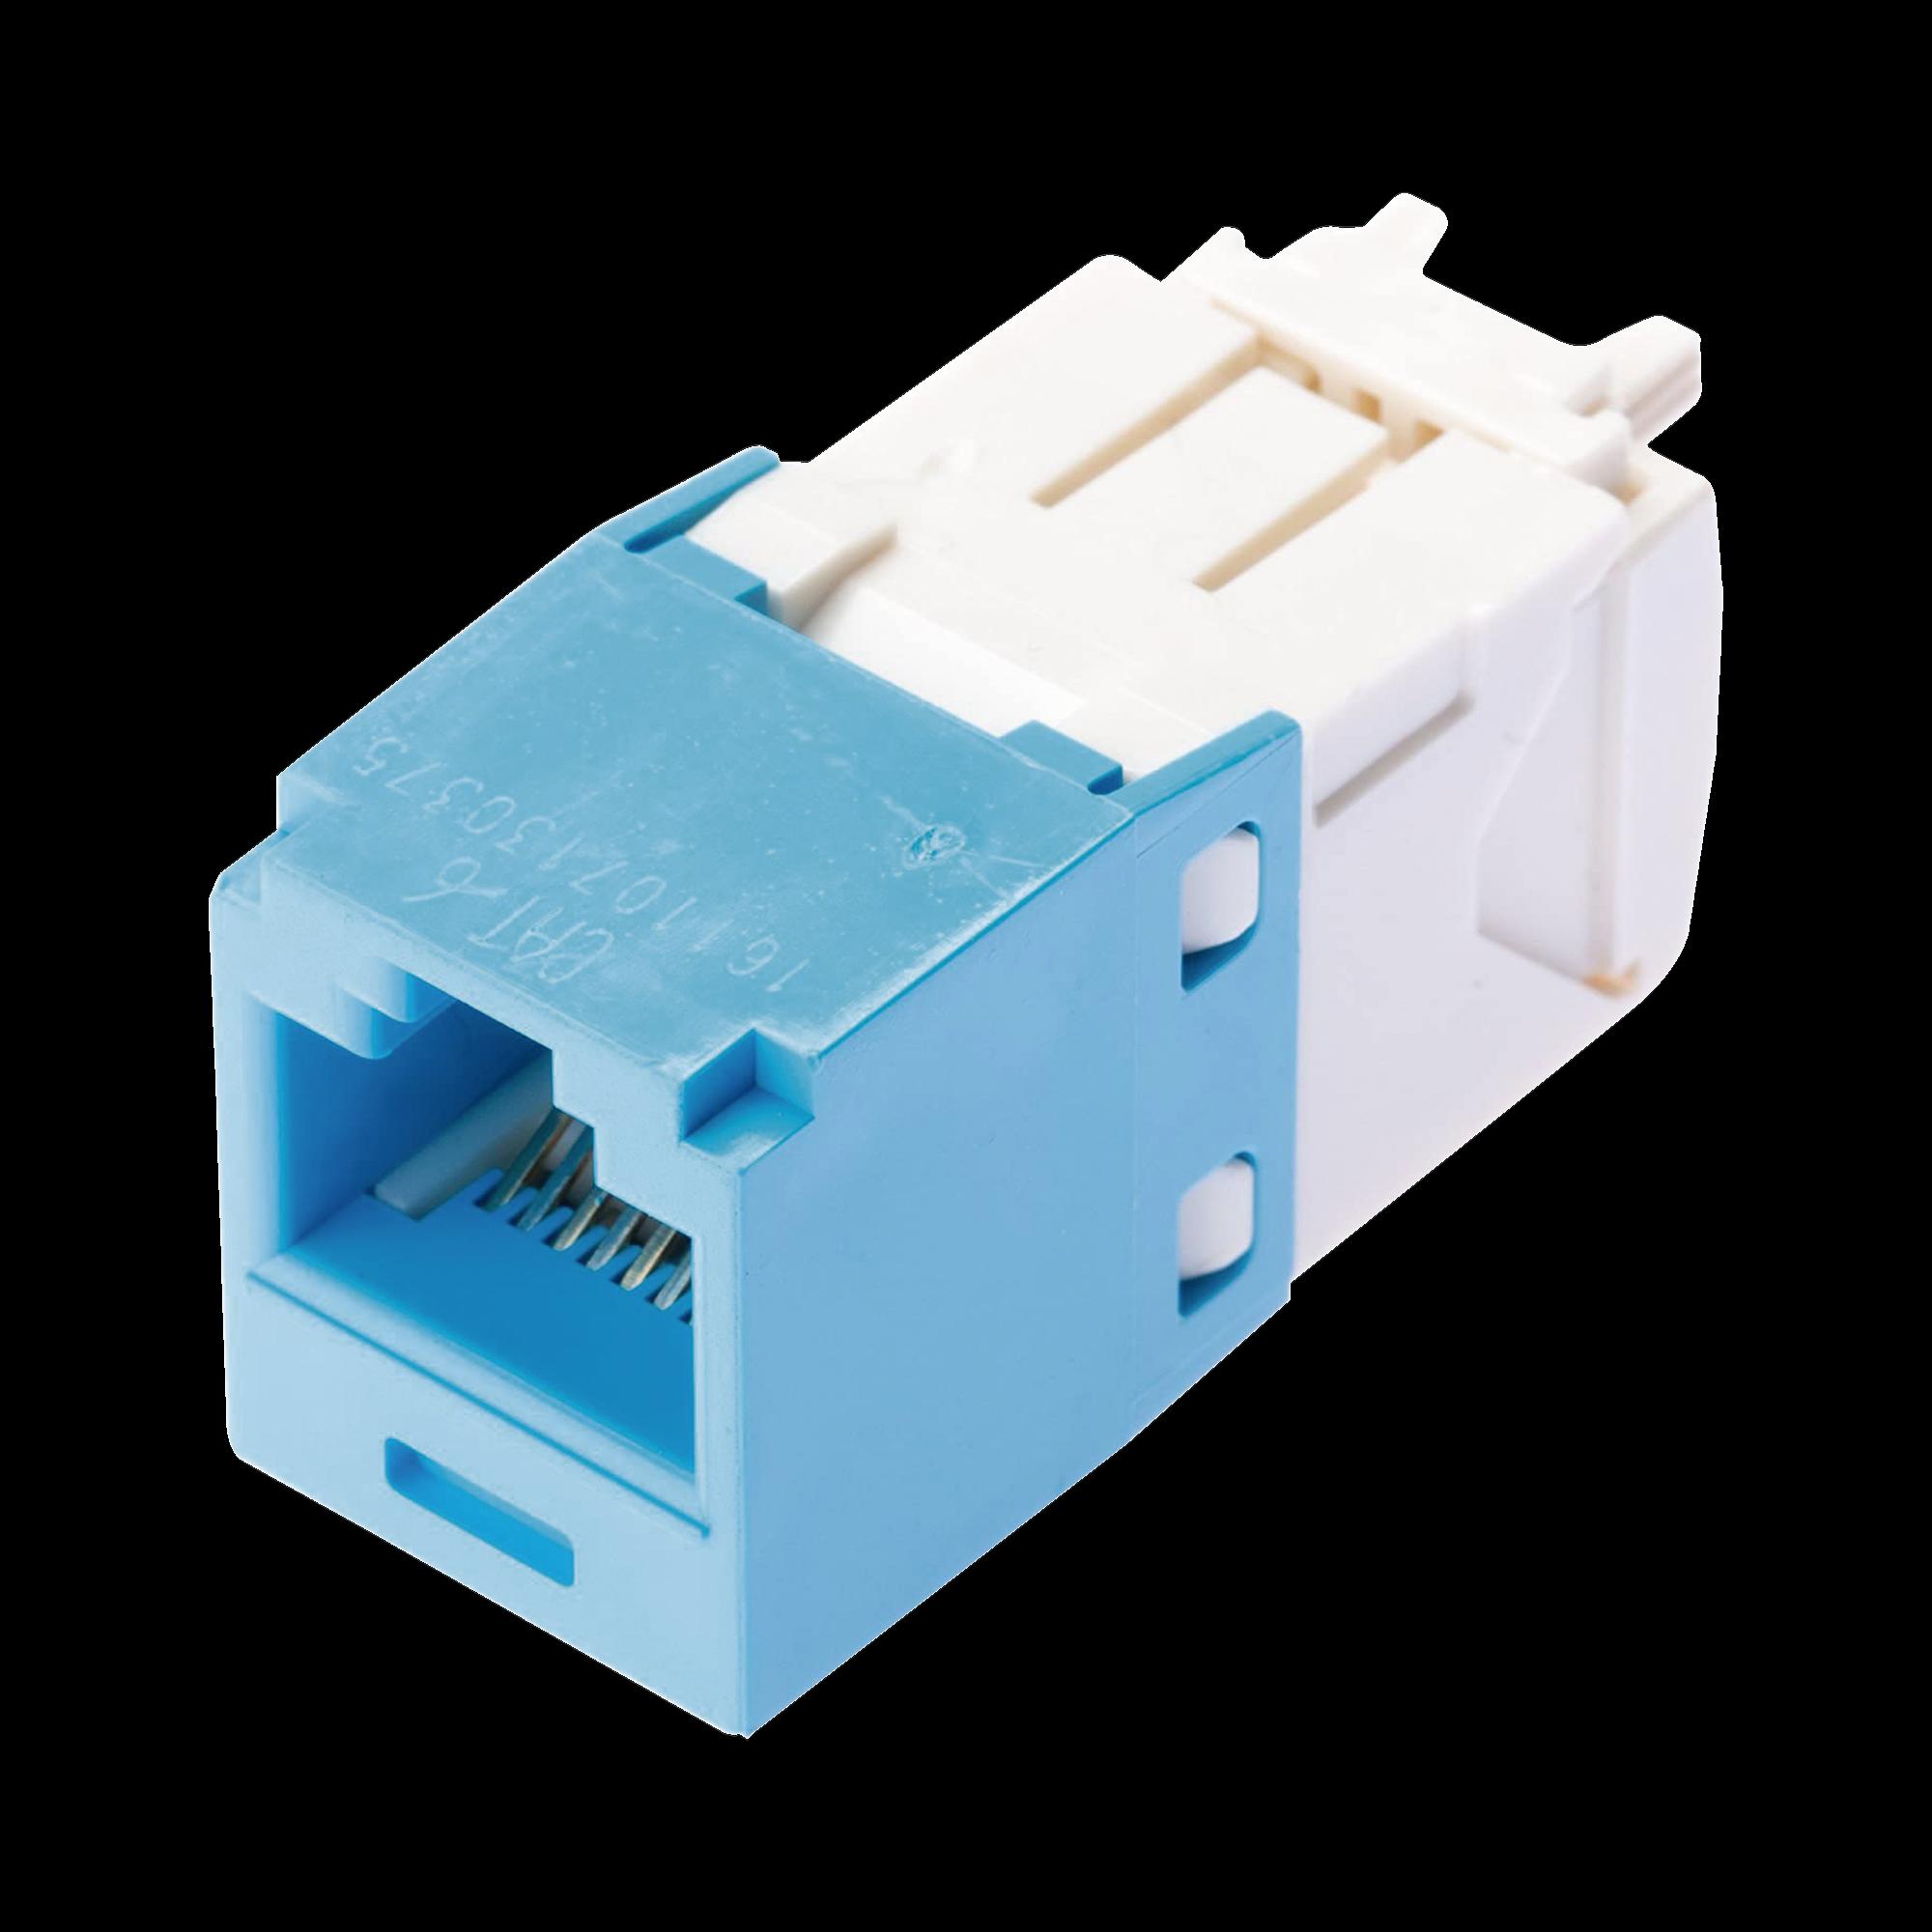 Conector Jack RJ45 Estilo TG, Mini-Com, Categoría 6, de 8 posiciones y 8 cables, Color Azul Claro